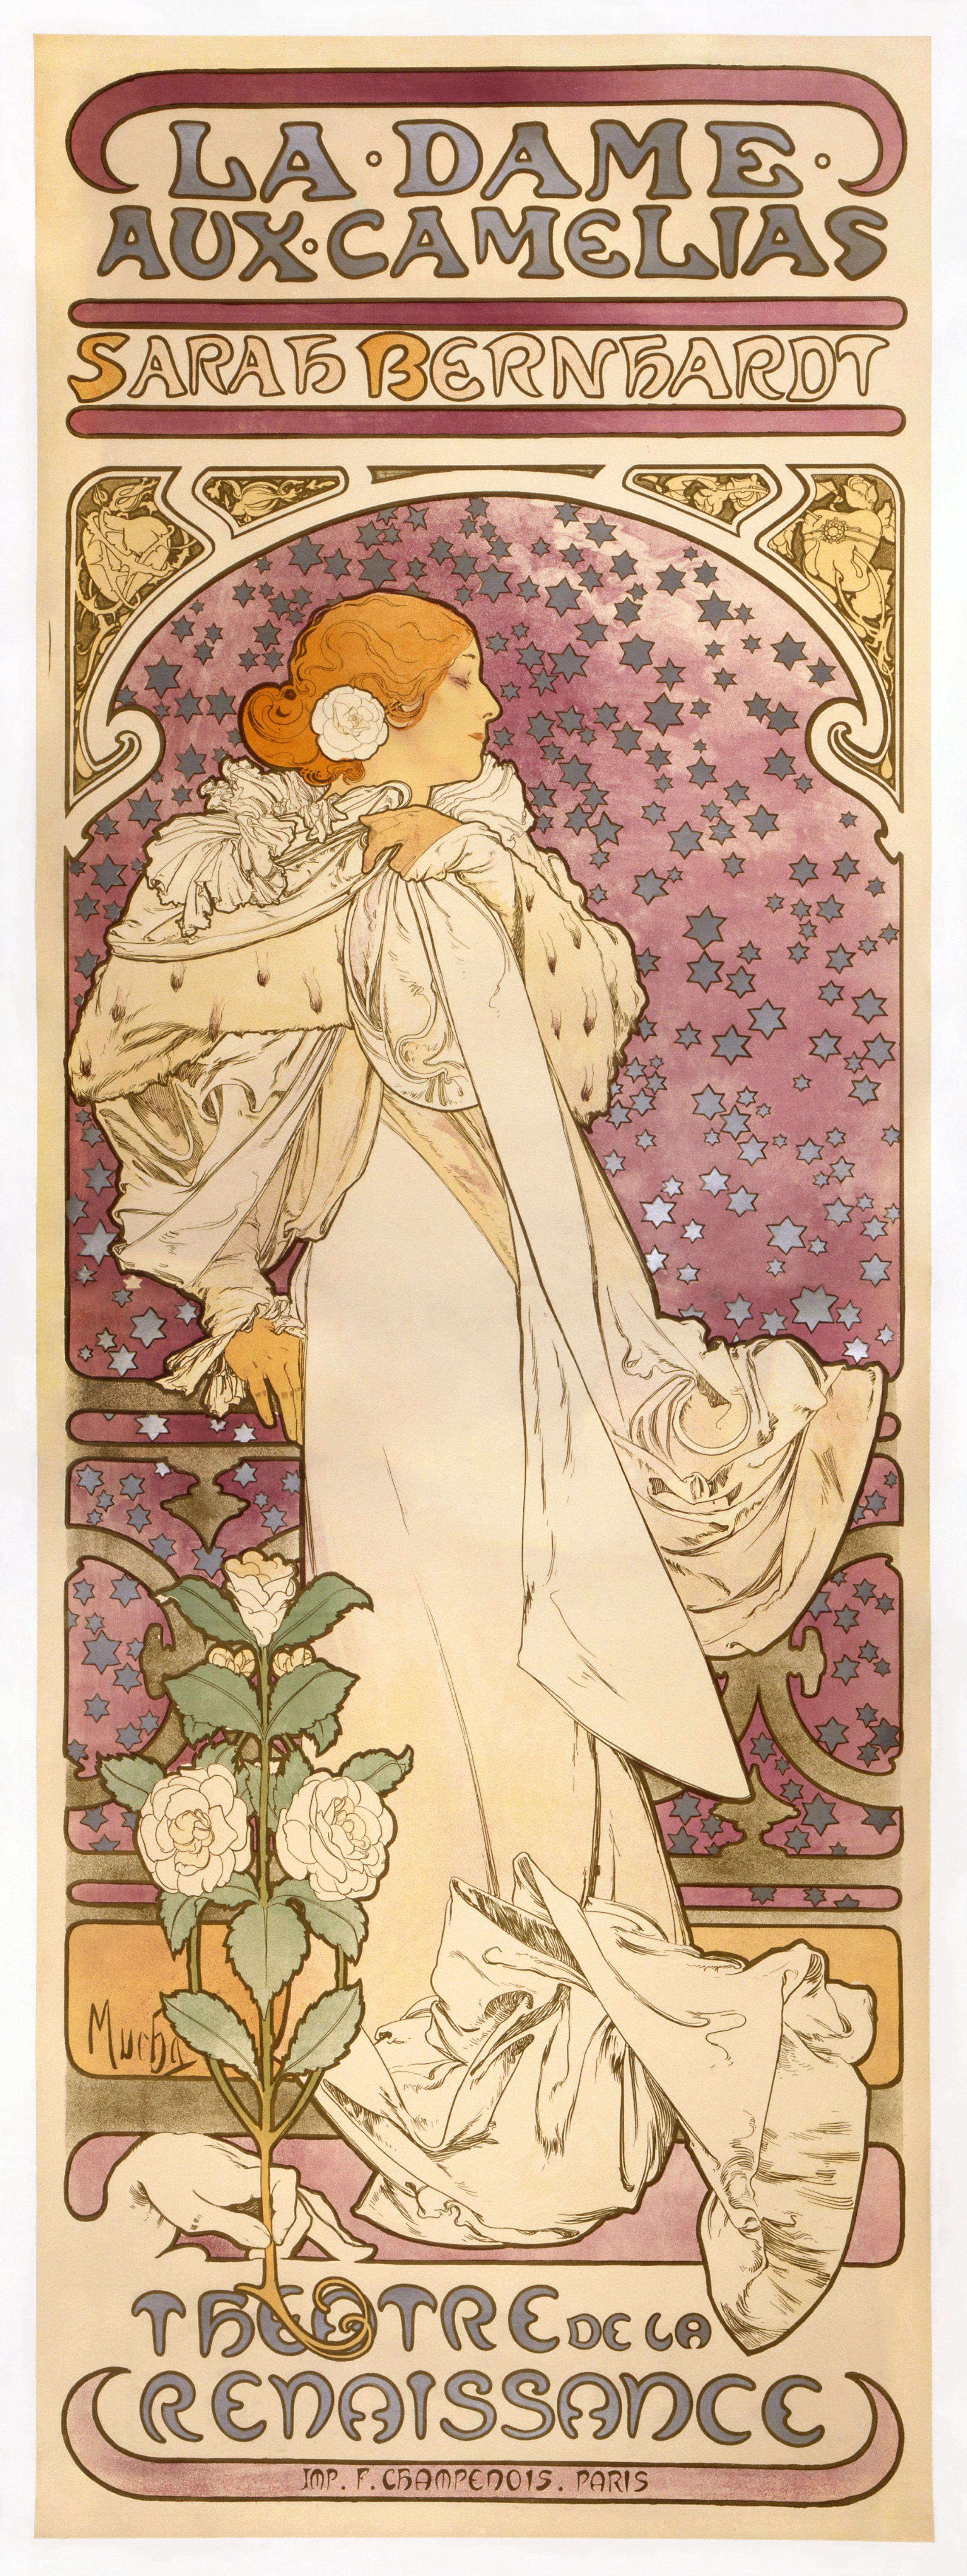 Alfons_Mucha_-_1896_-_La_Dame_aux_Camélias_-_Sarah_Bernhardt.jpg